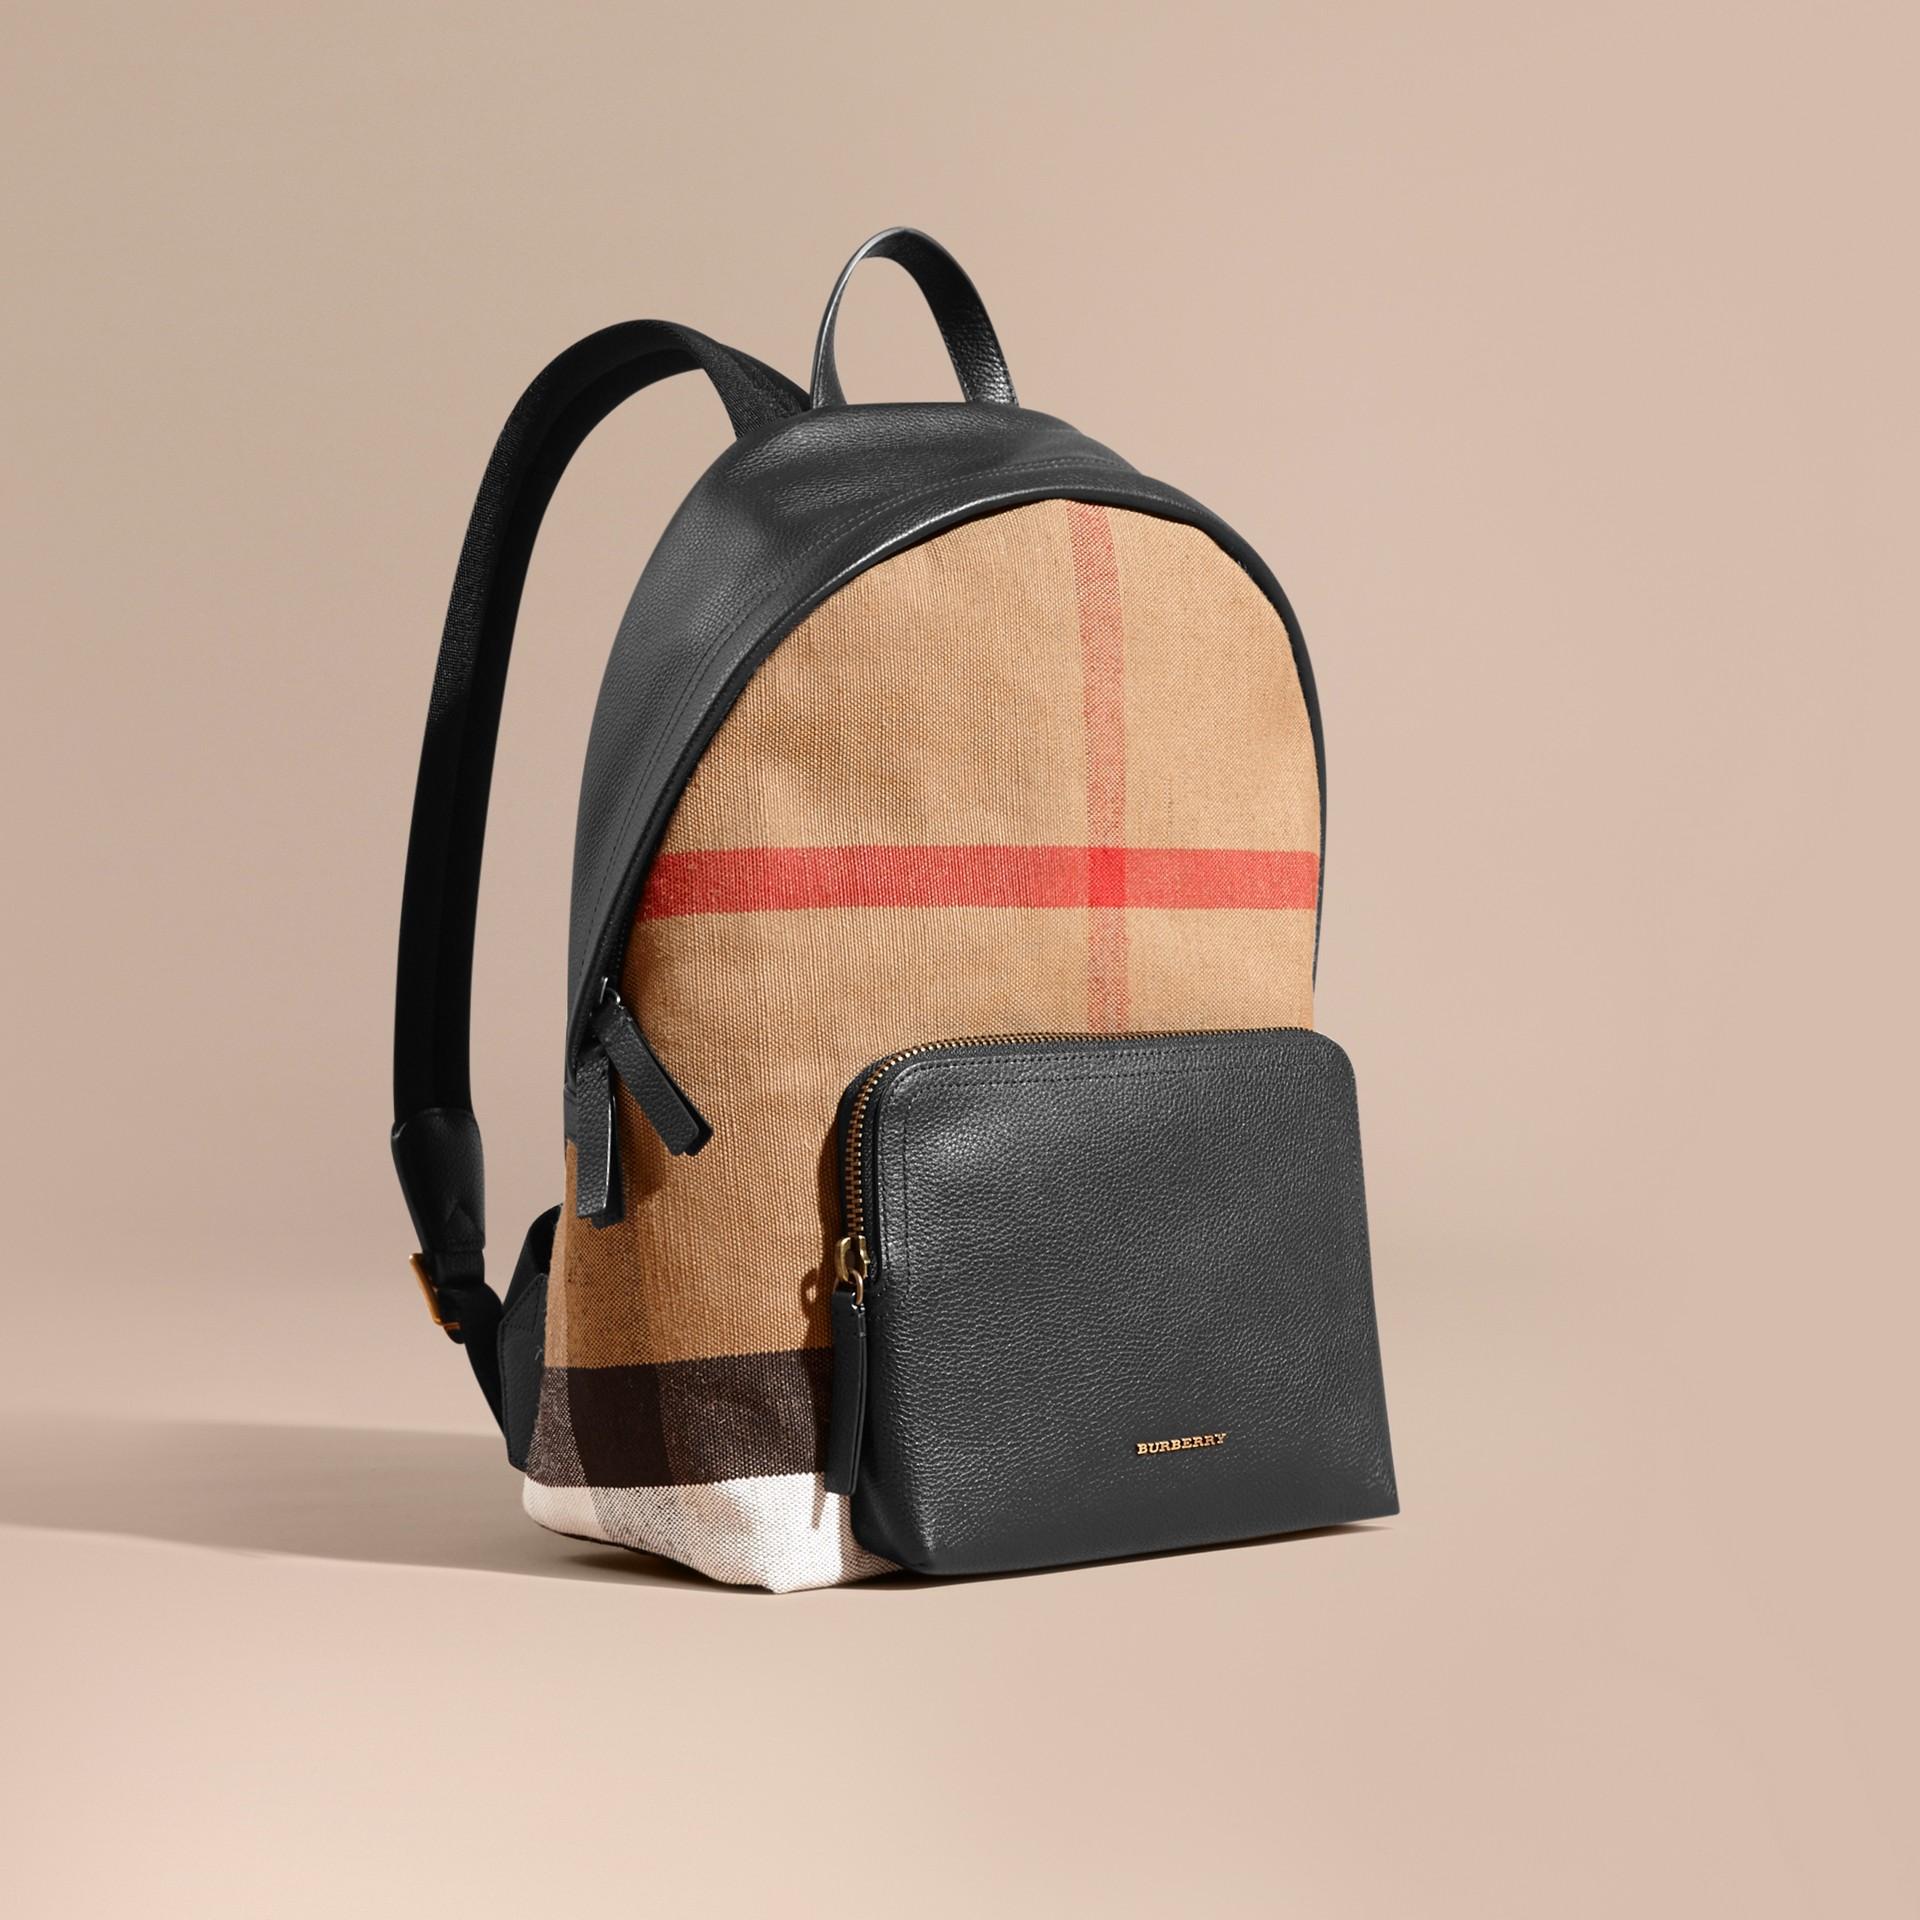 Schwarz Rucksack aus Canvas Check-Gewebe mit Lederbesatz - Galerie-Bild 1